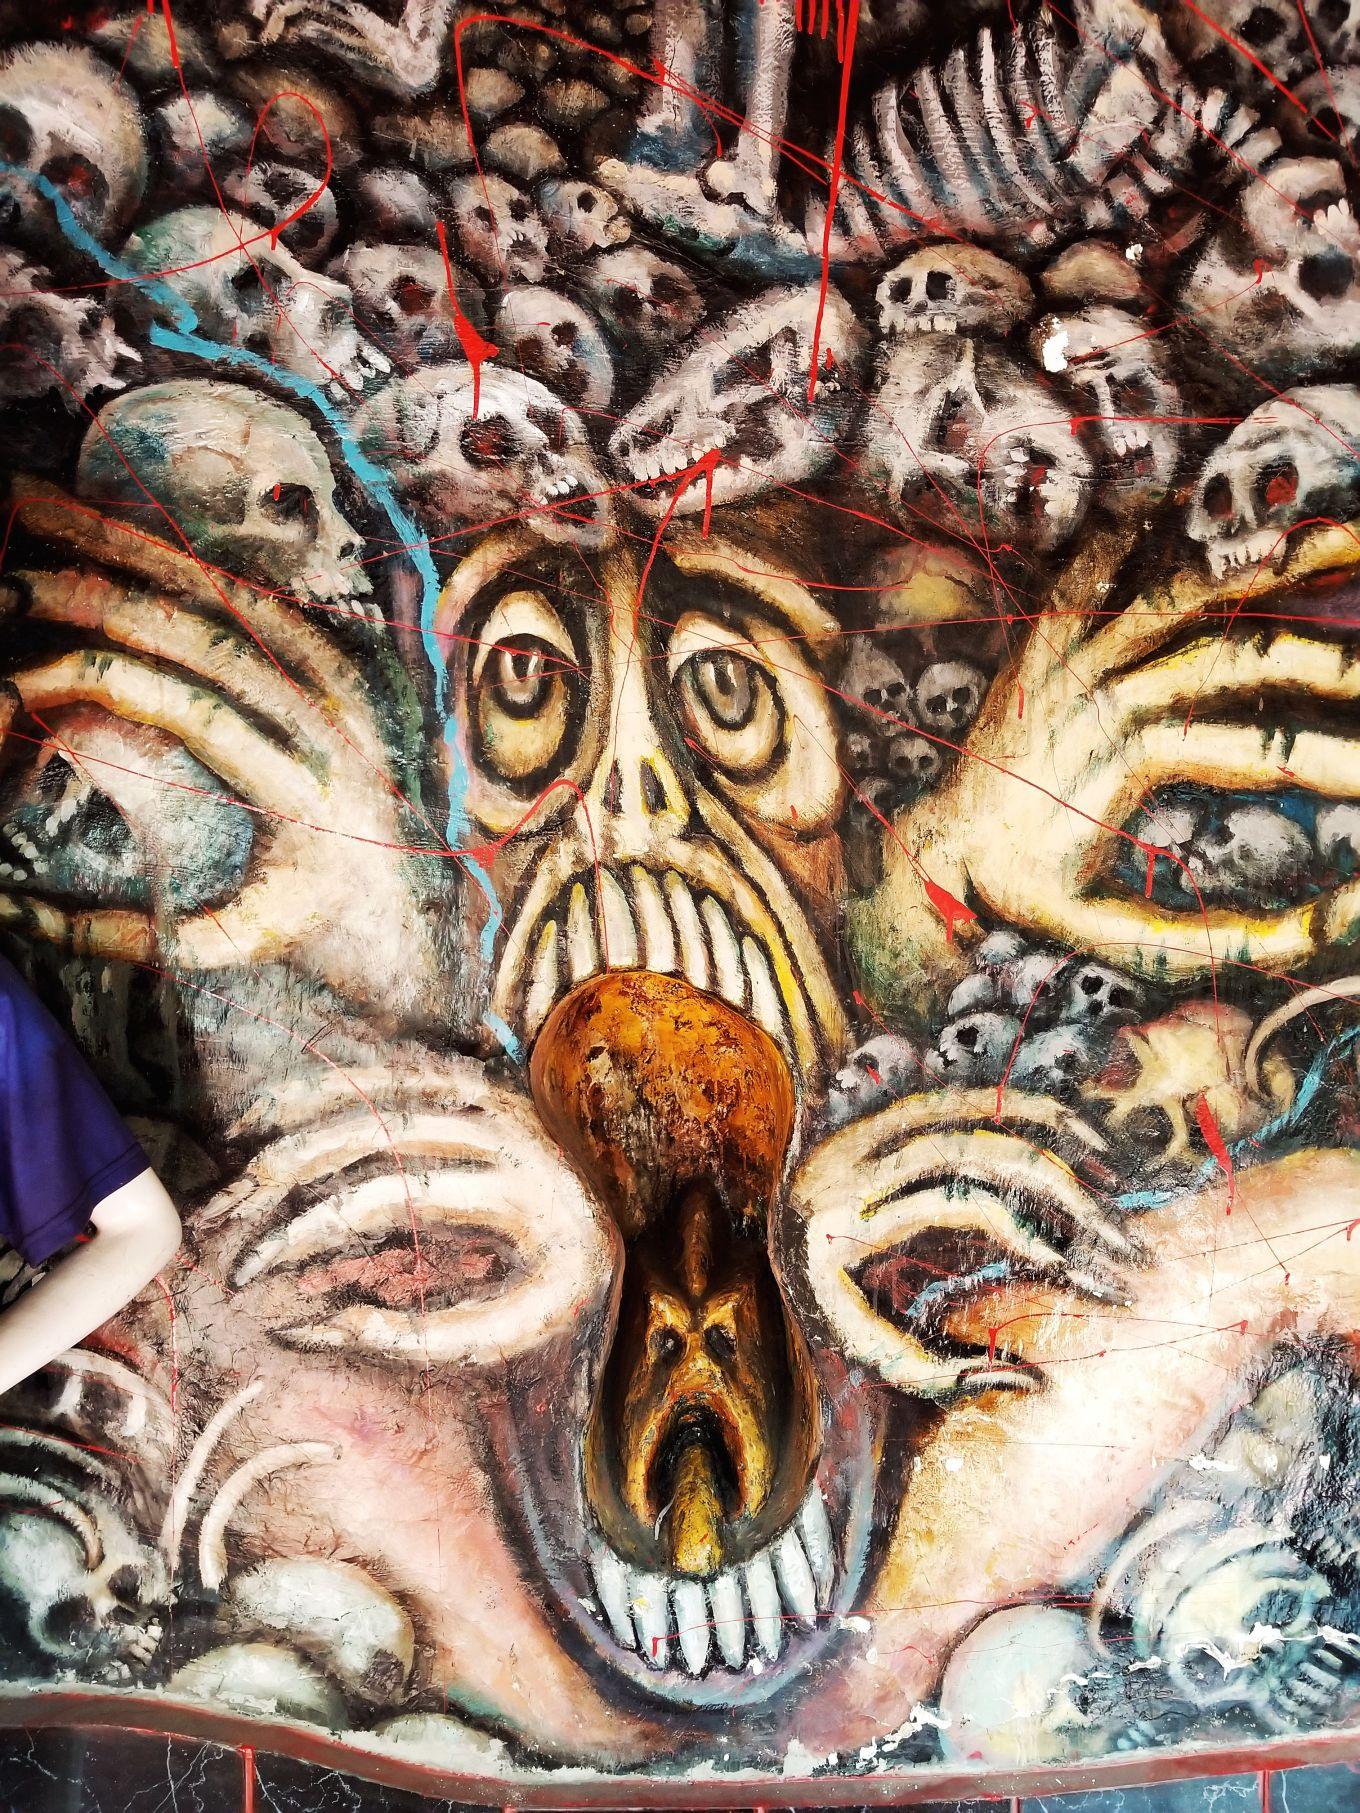 Mouth Mural In El Museo De Cultura Prohibida In Cuenca, Ecuador